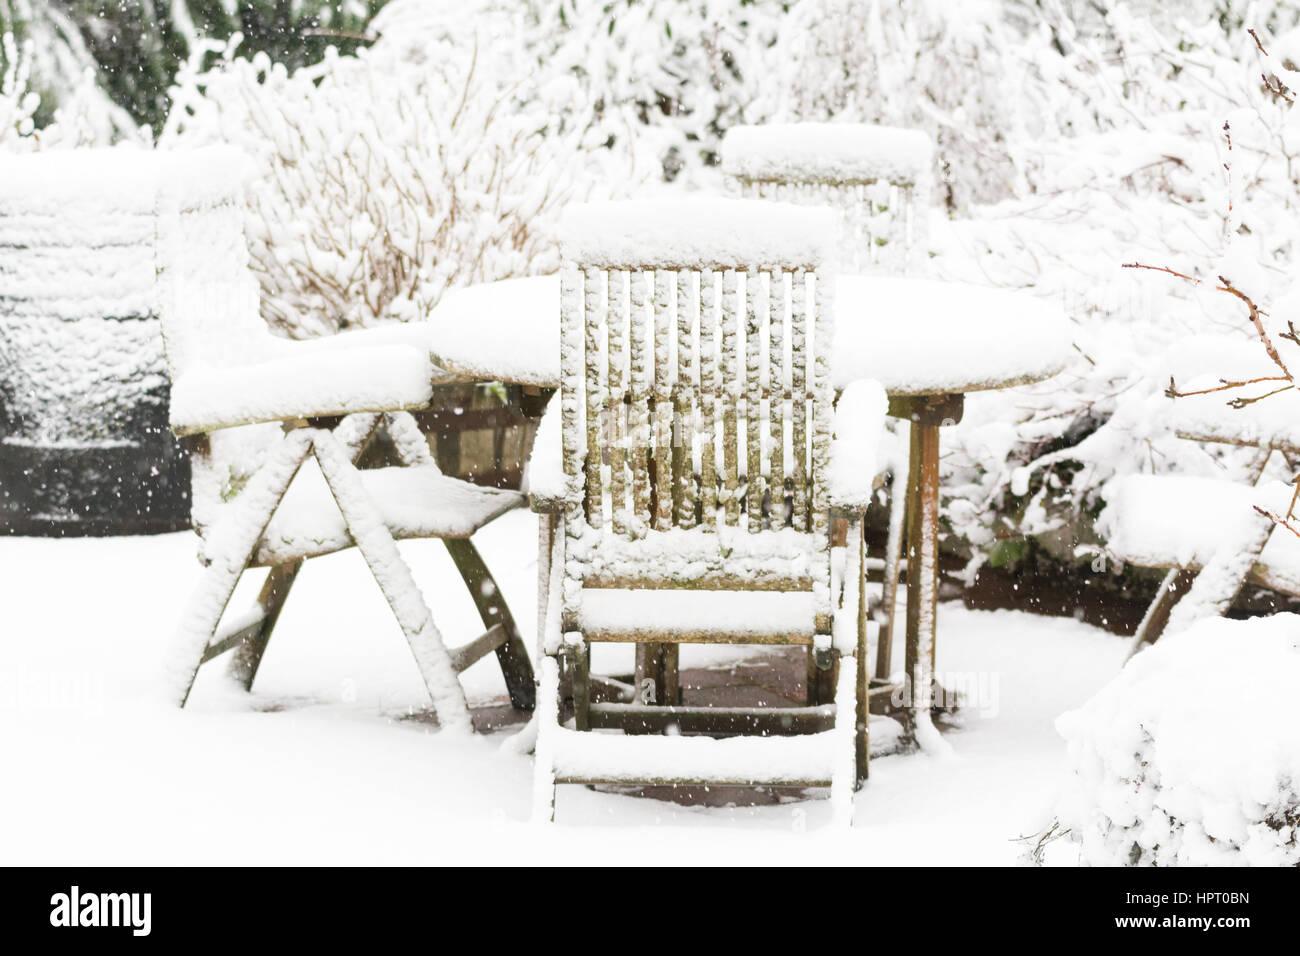 Dans la neige le jardin - meubles de jardin, table et chaises couverts dans la neige profonde Photo Stock